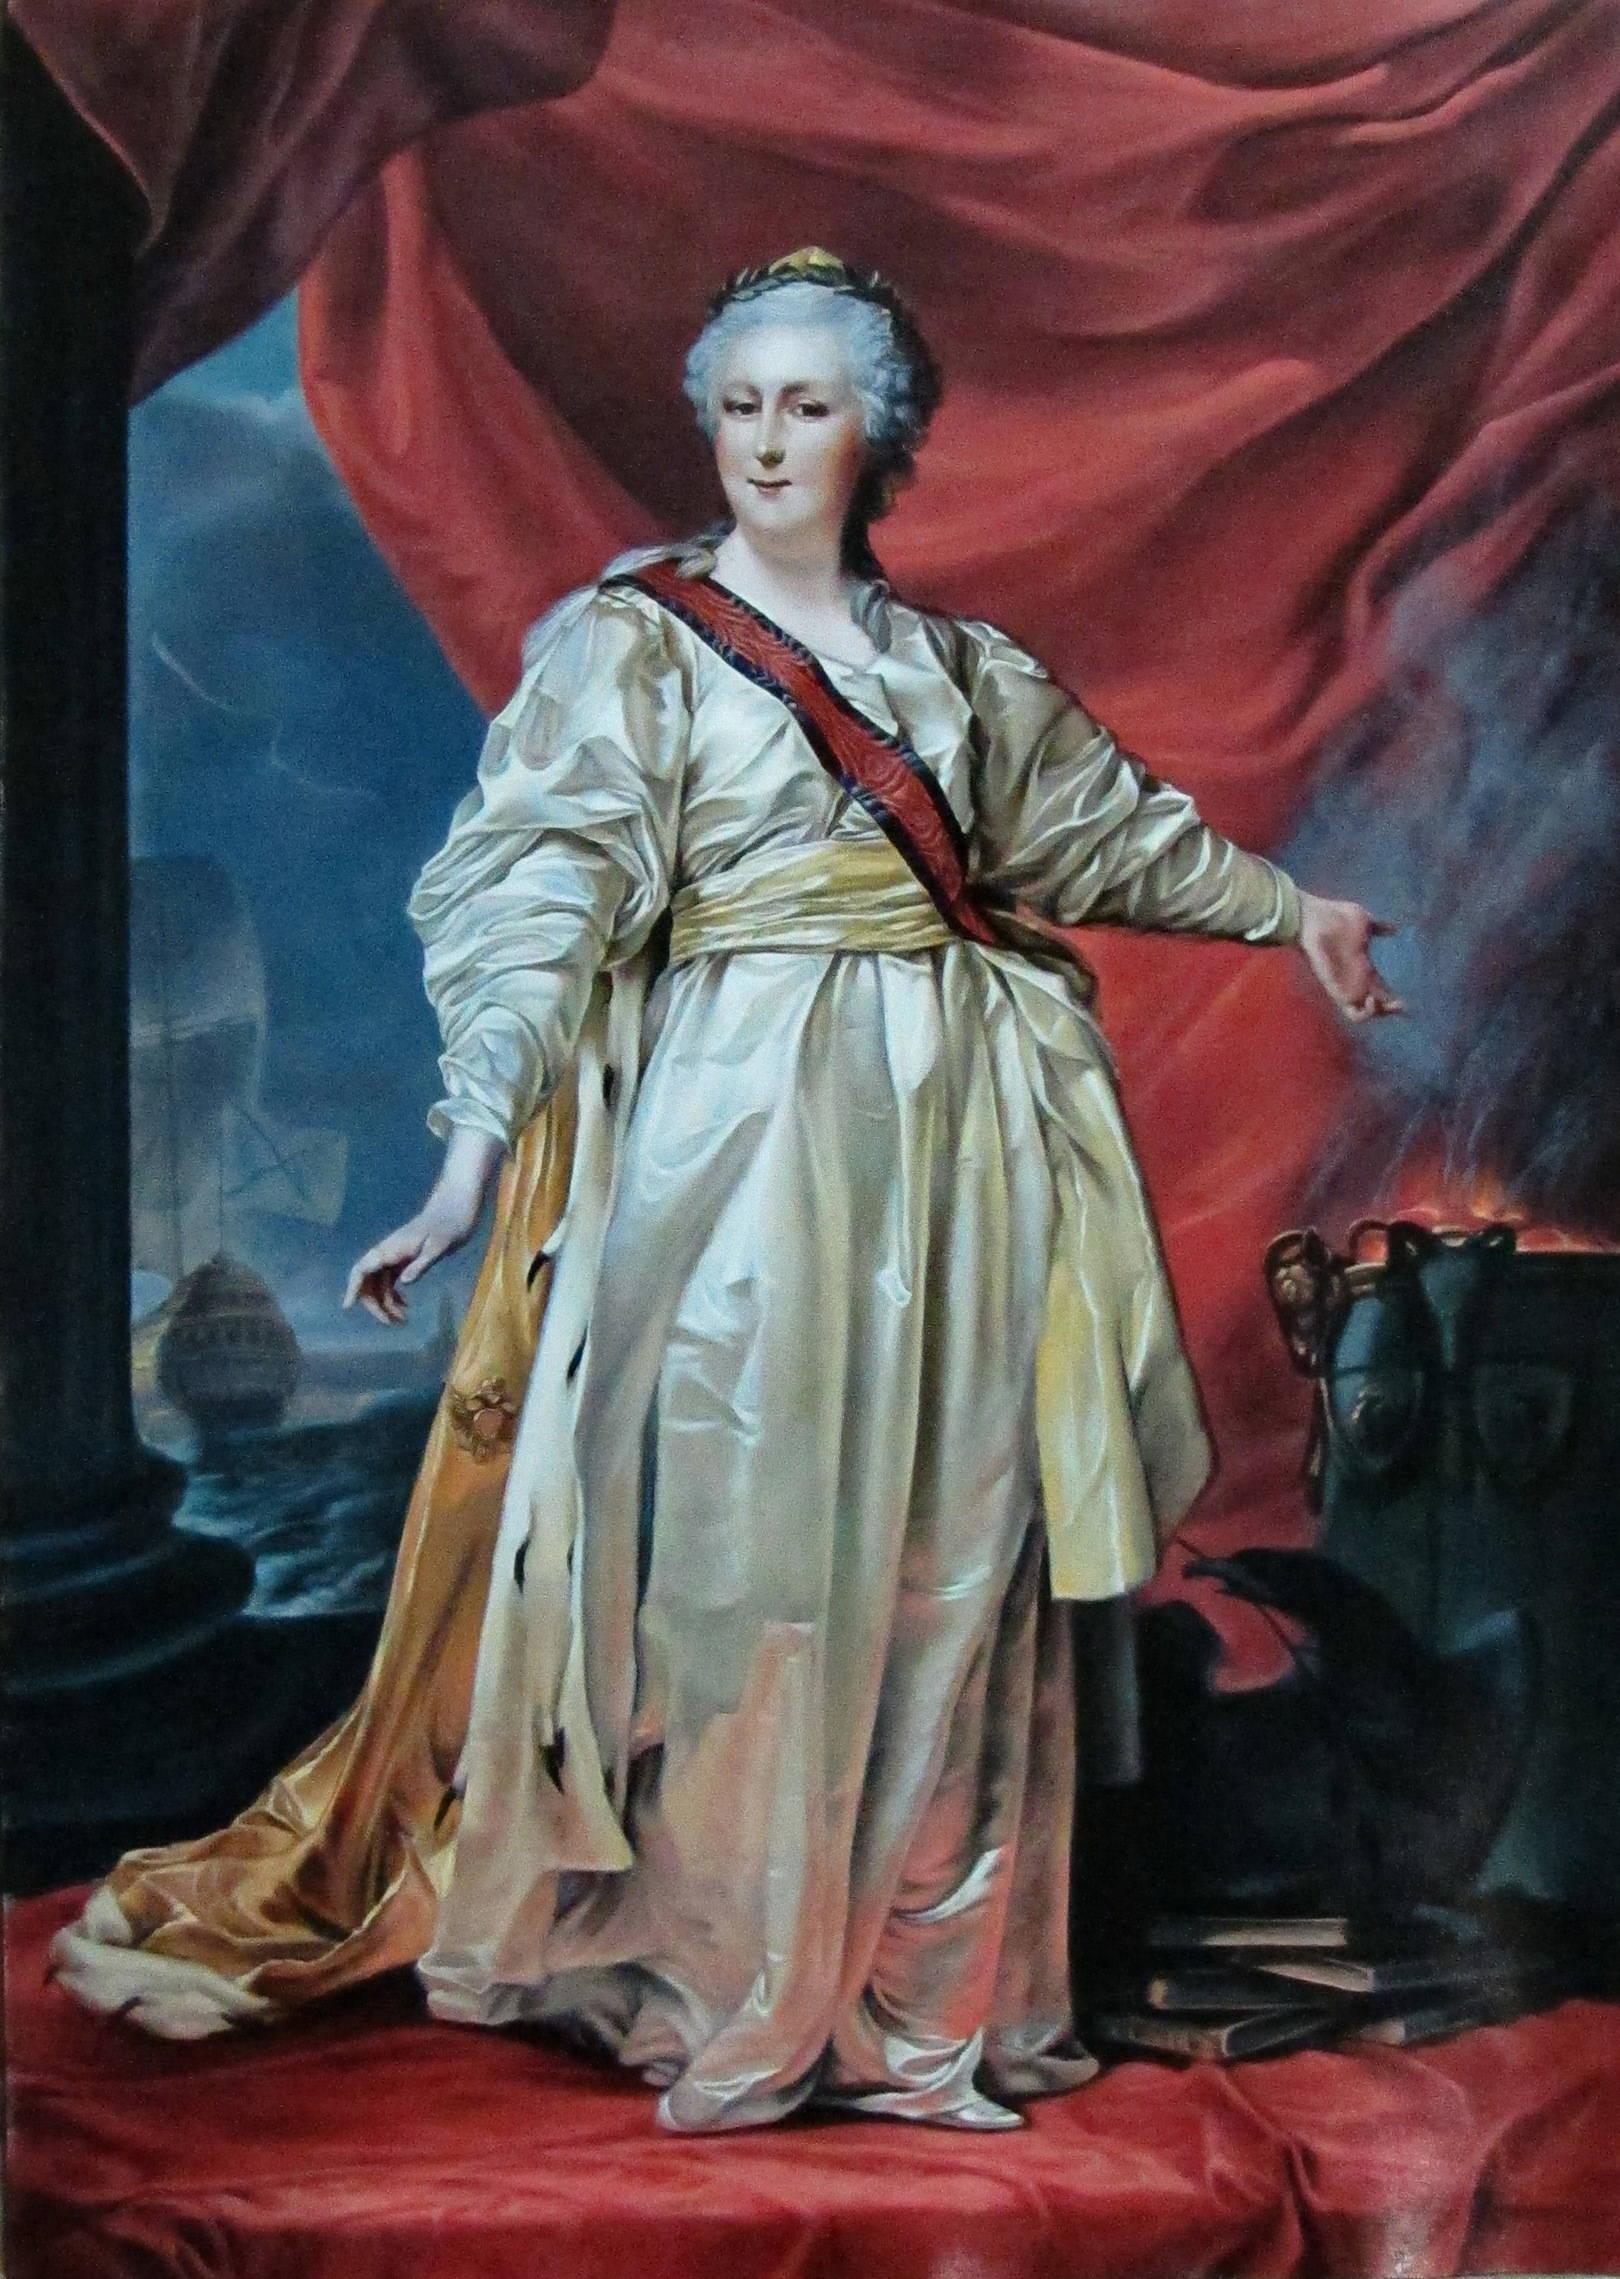 Екатерина II. Копия. Кожа, масло, 2012